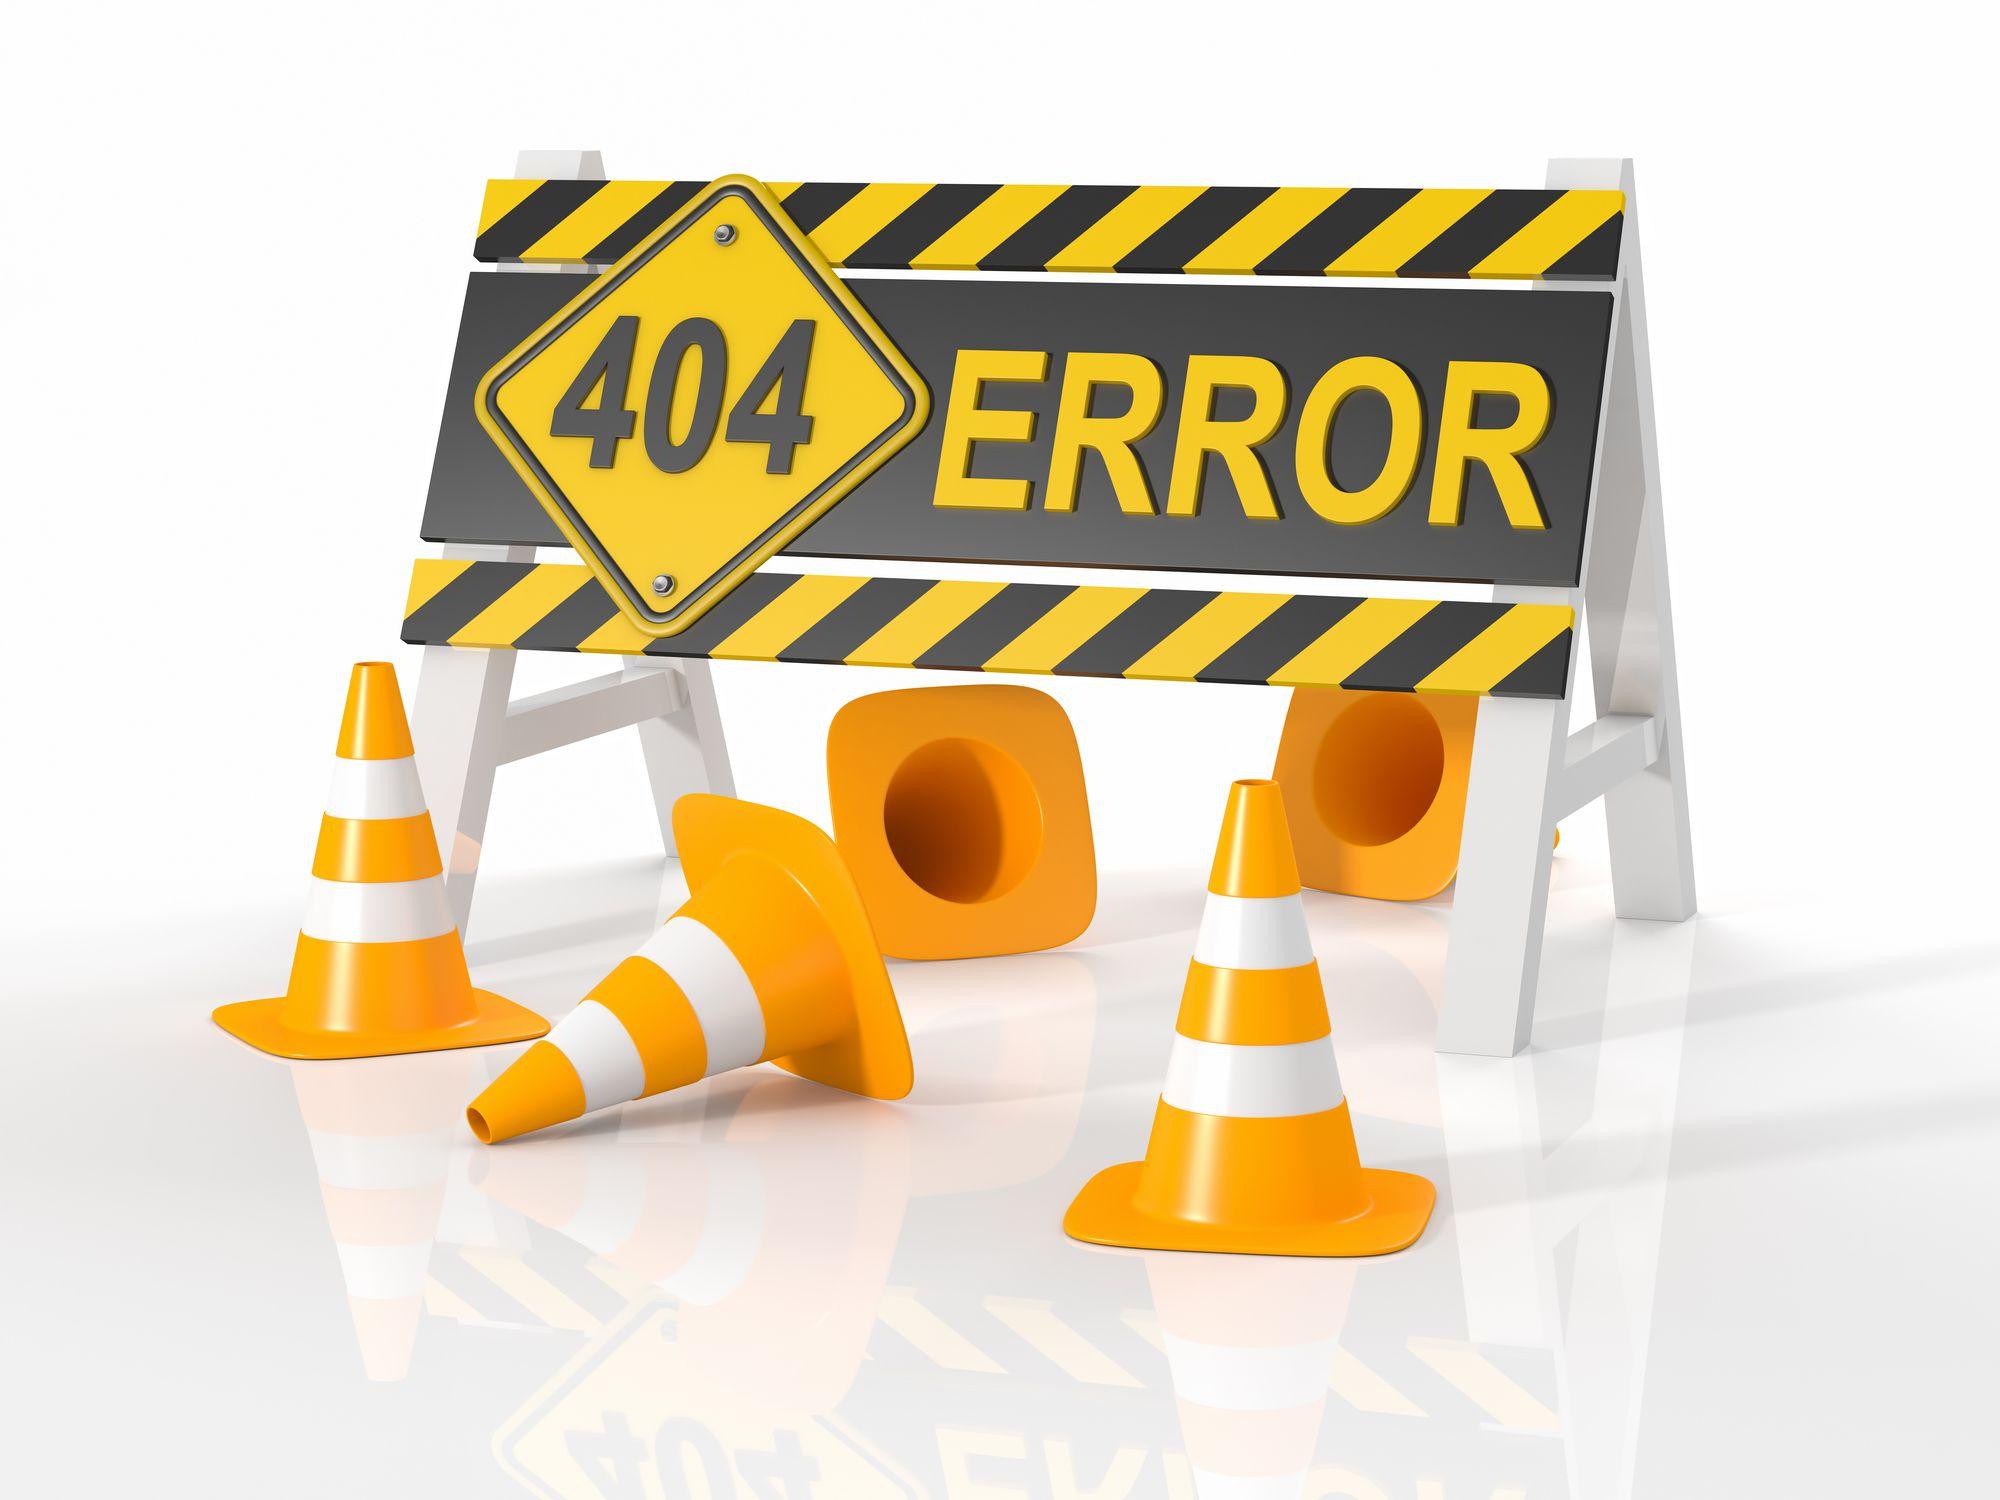 Правильный HTTP заголовок 404